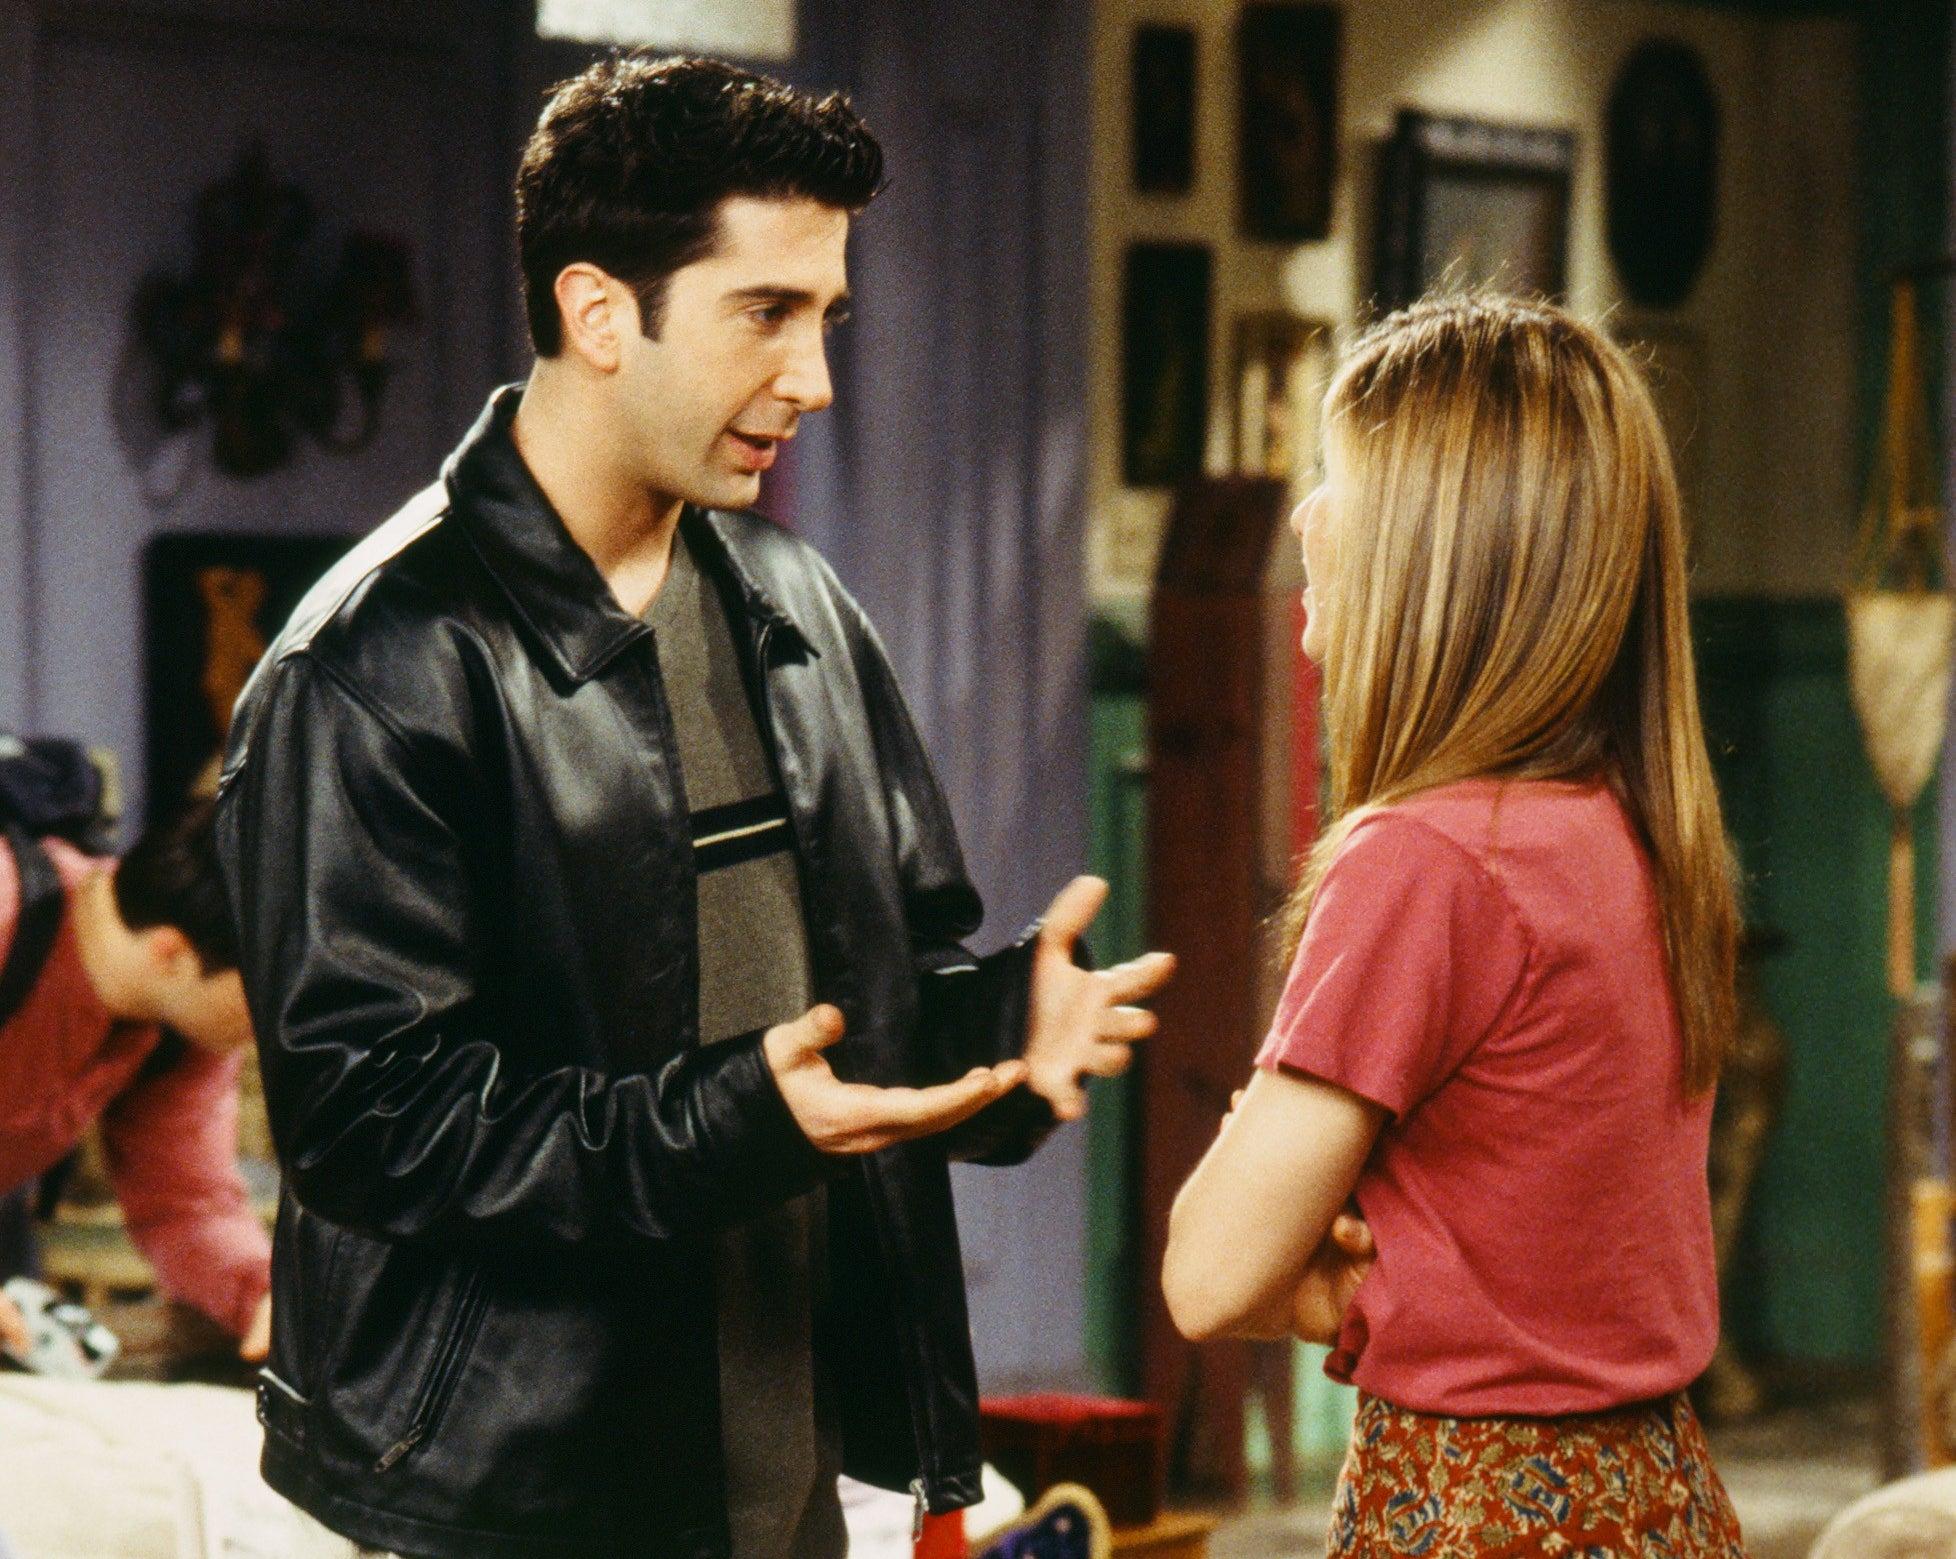 Ross talks to Rachel in a scene from Friends